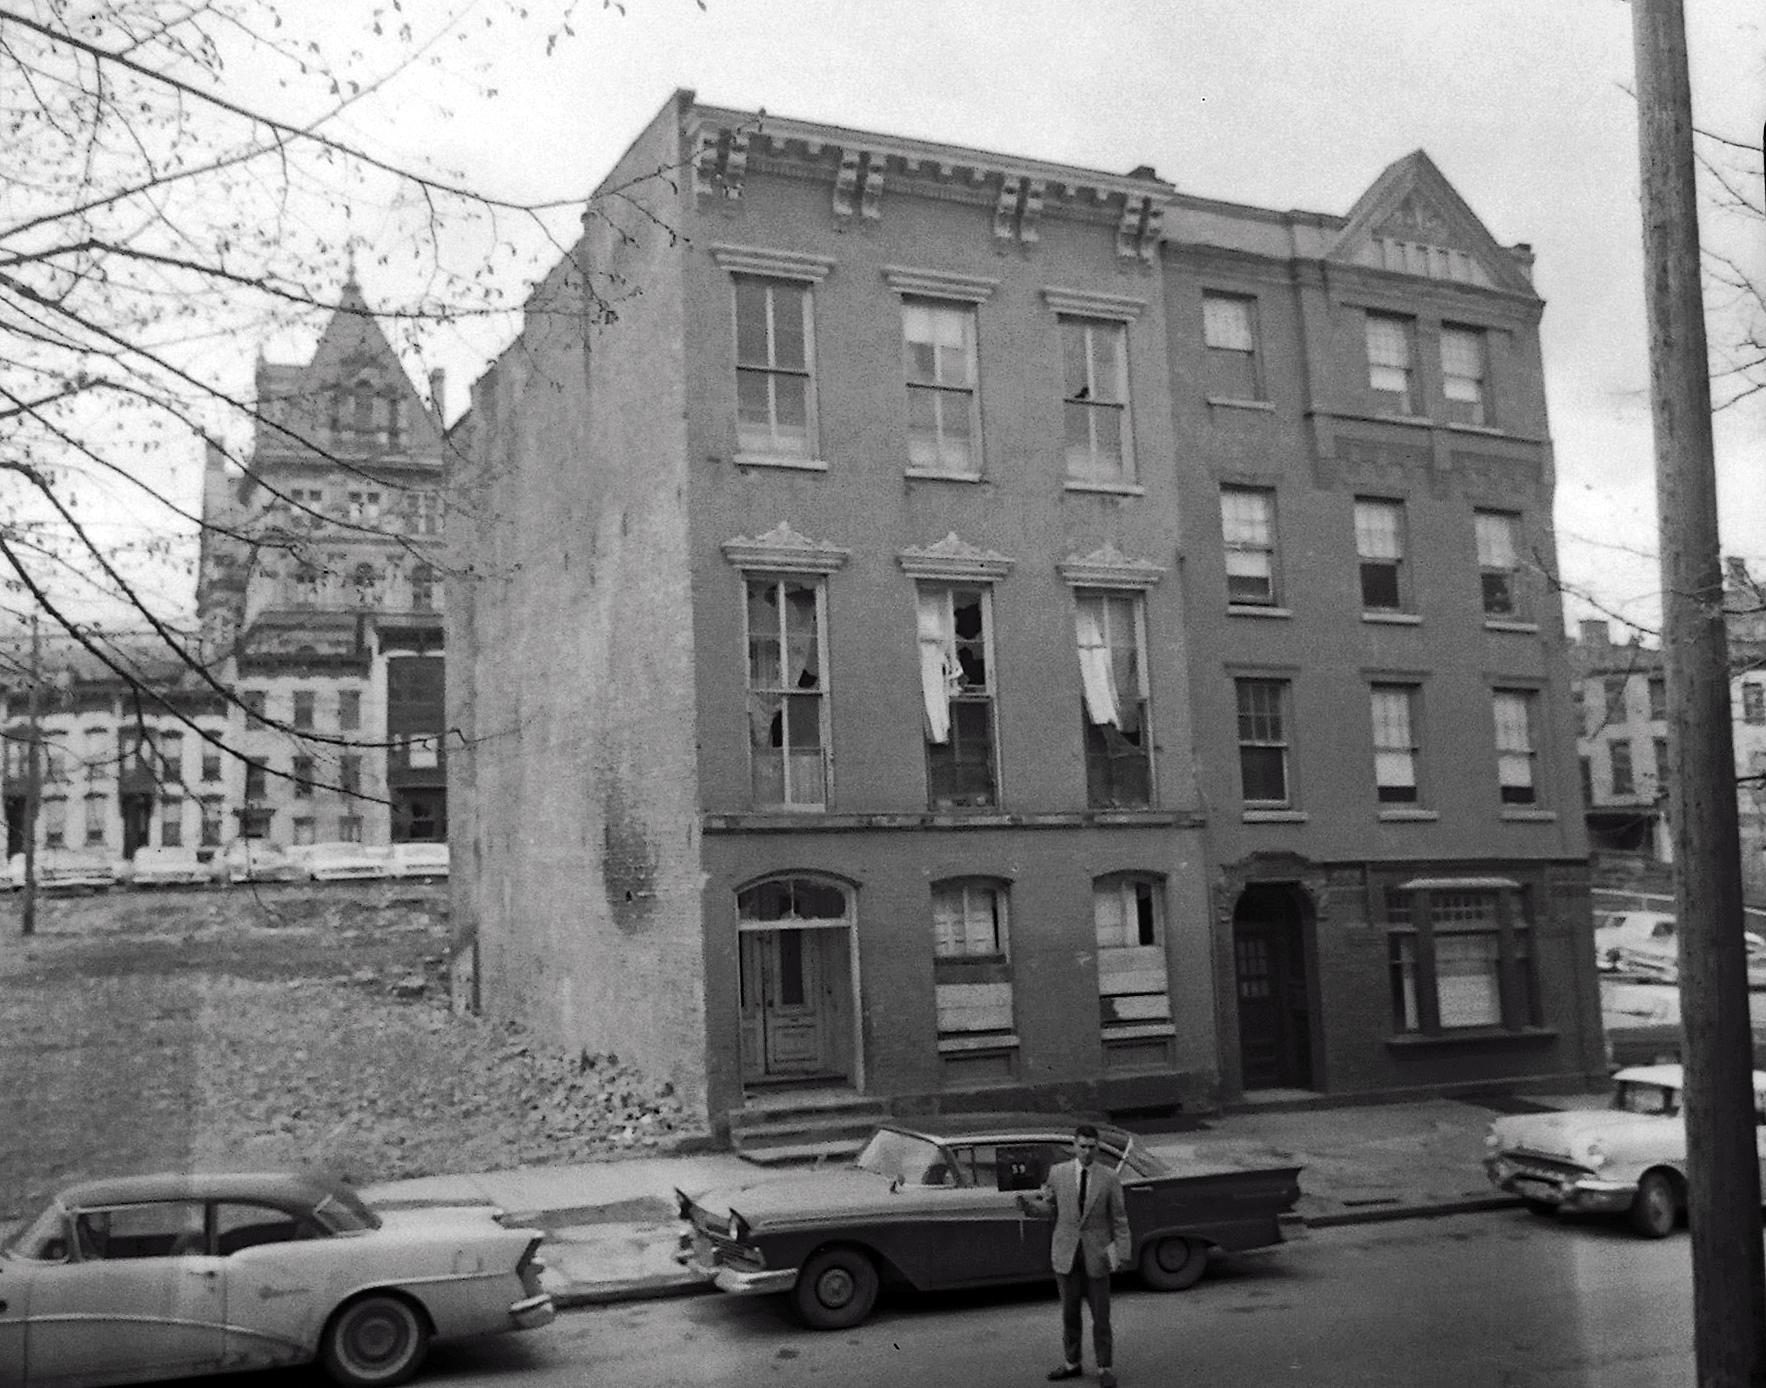 Lancaster boarding house